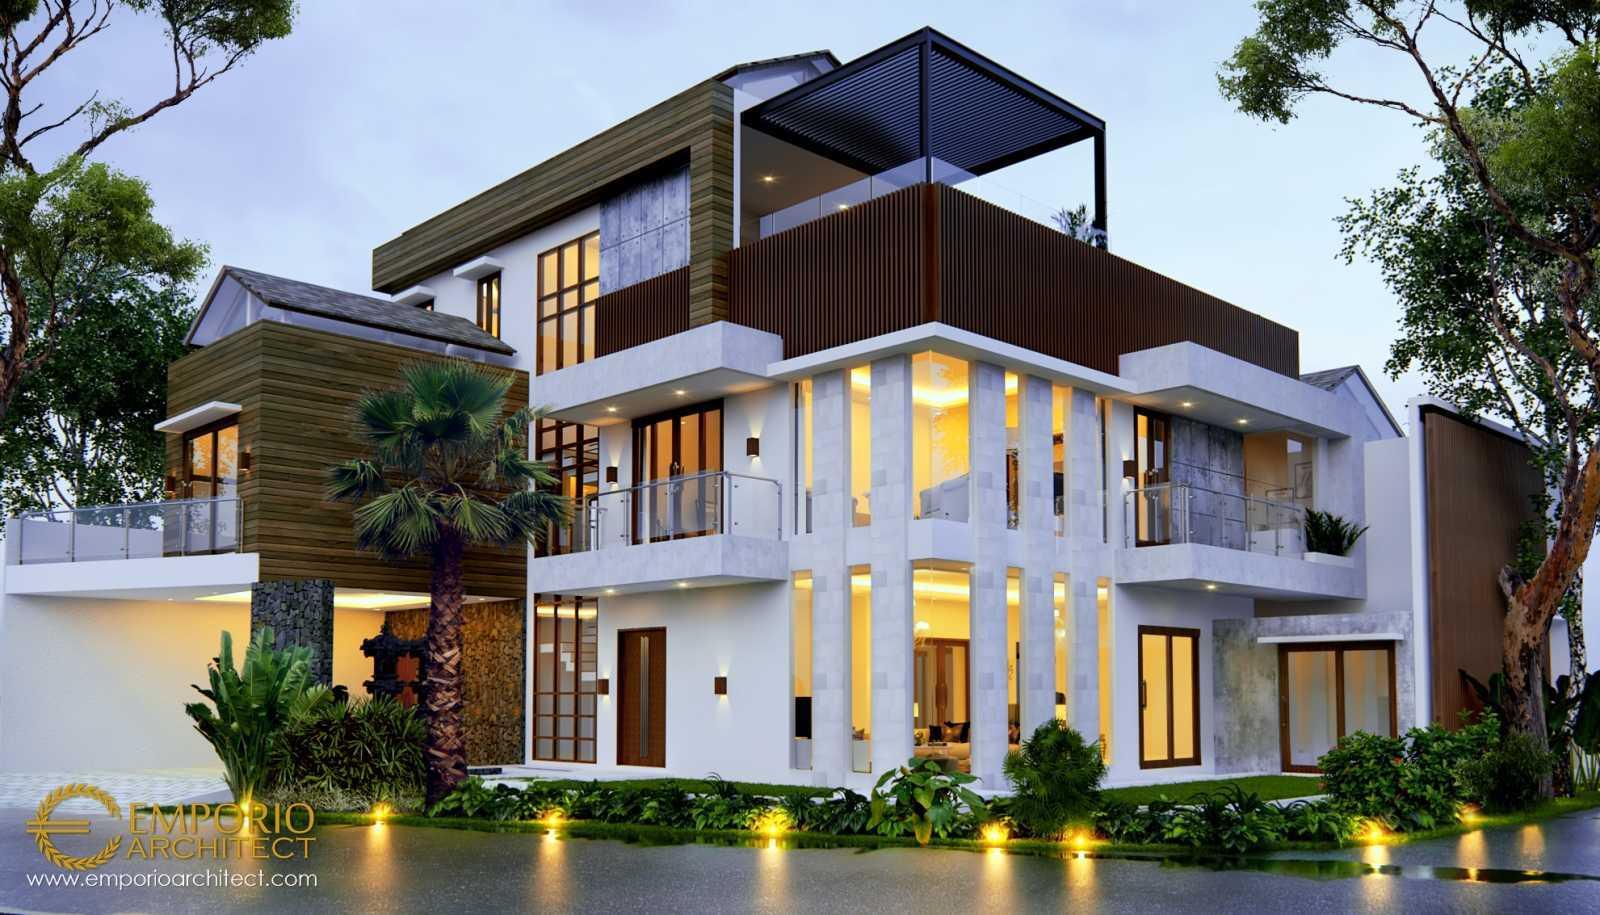 Emporio Architect Desain Renovasi Rumah Modern Tropis 559 @ Munggu, Badung, Bali Munggu, Kec. Mengwi, Kabupaten Badung, Bali, Indonesia Munggu, Kec. Mengwi, Kabupaten Badung, Bali, Indonesia Emporio-Architect-Desain-Renovasi-Rumah-Modern-Tropis-559-Munggu-Badung-Bali Modern  73370